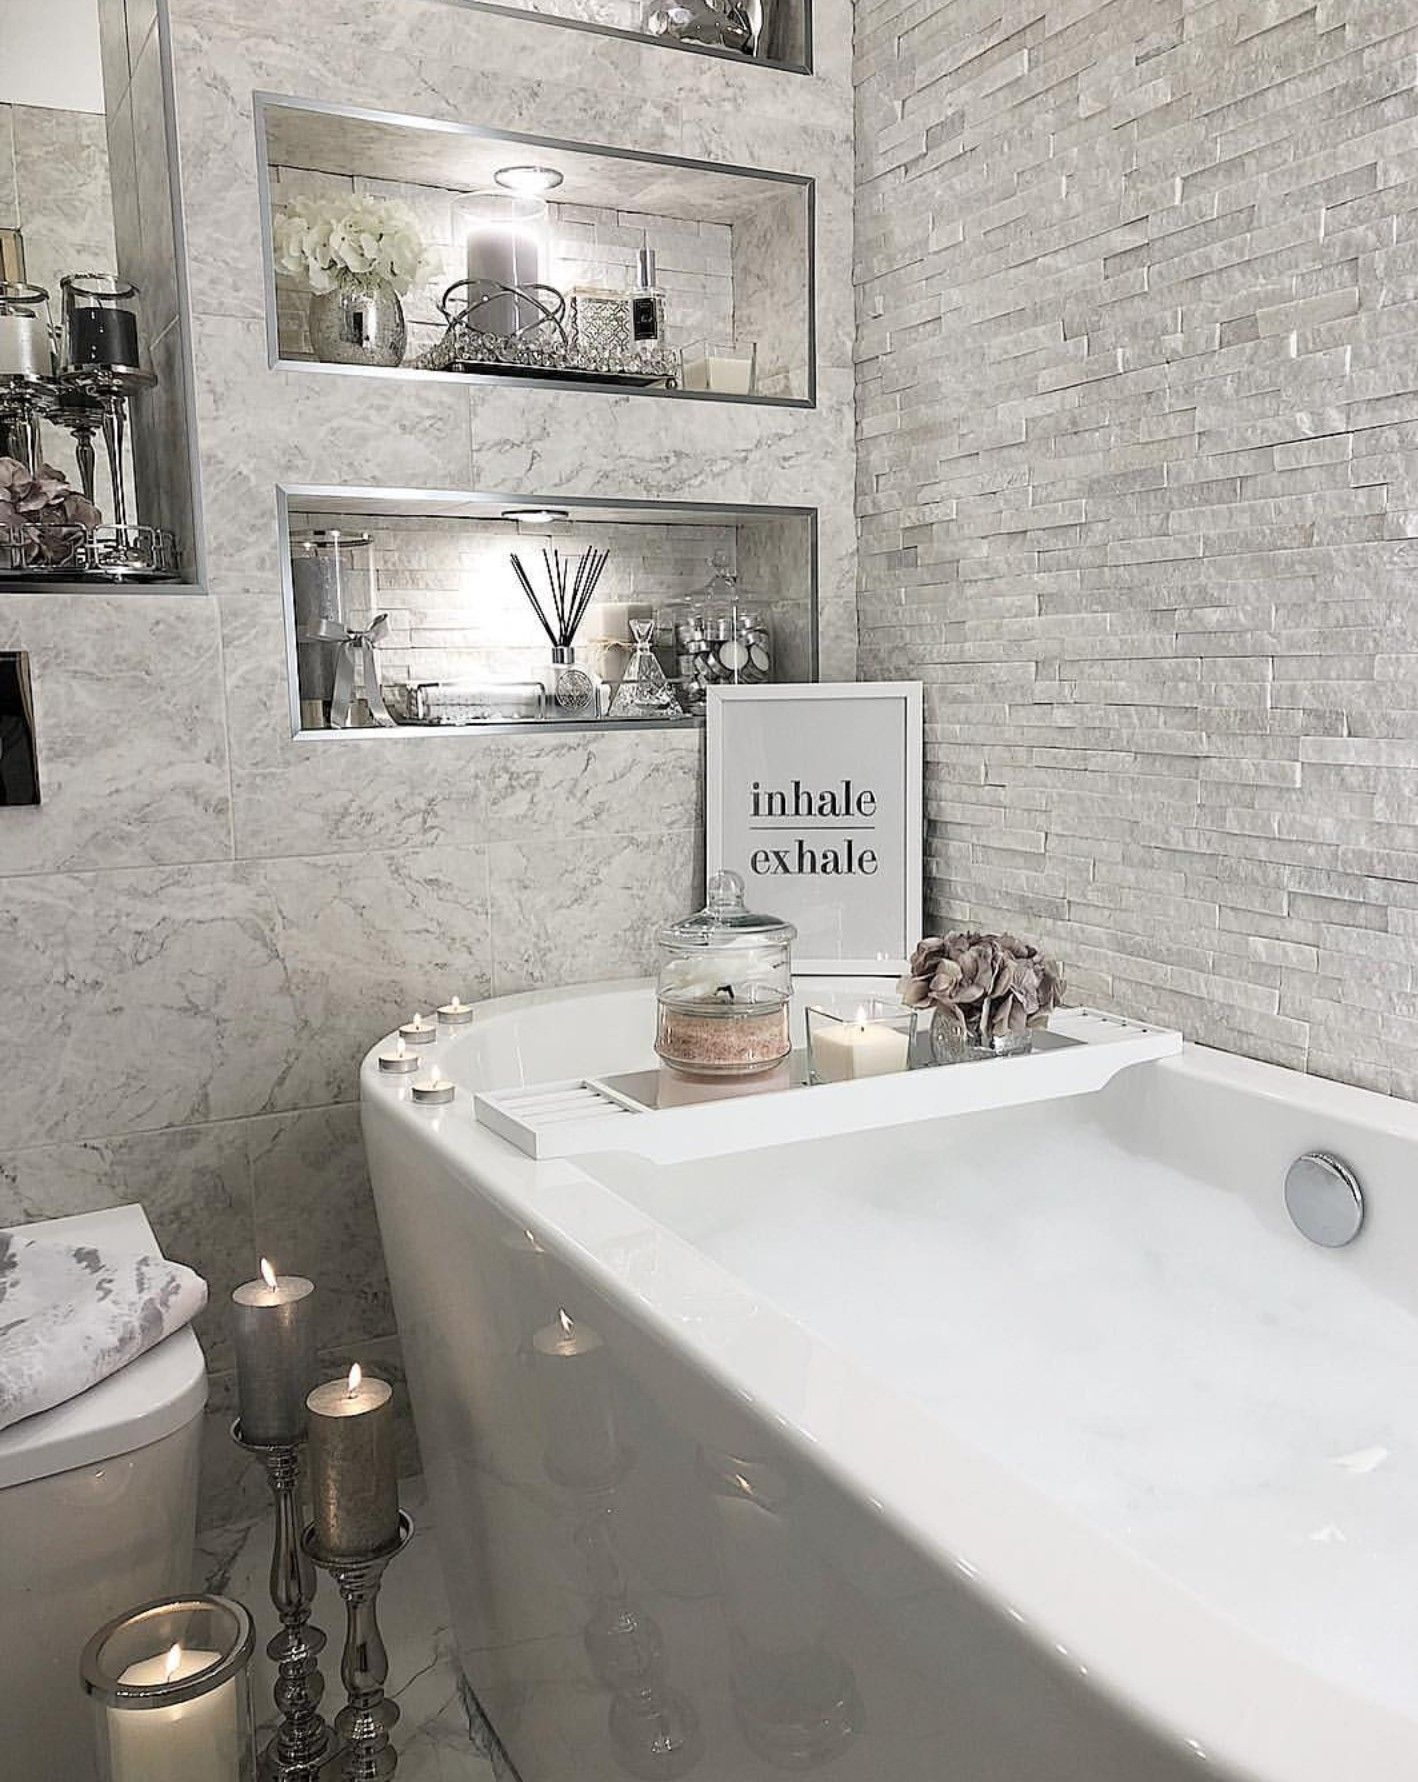 Grey And White Bathroom Inspo From Instagram Room Ekkor